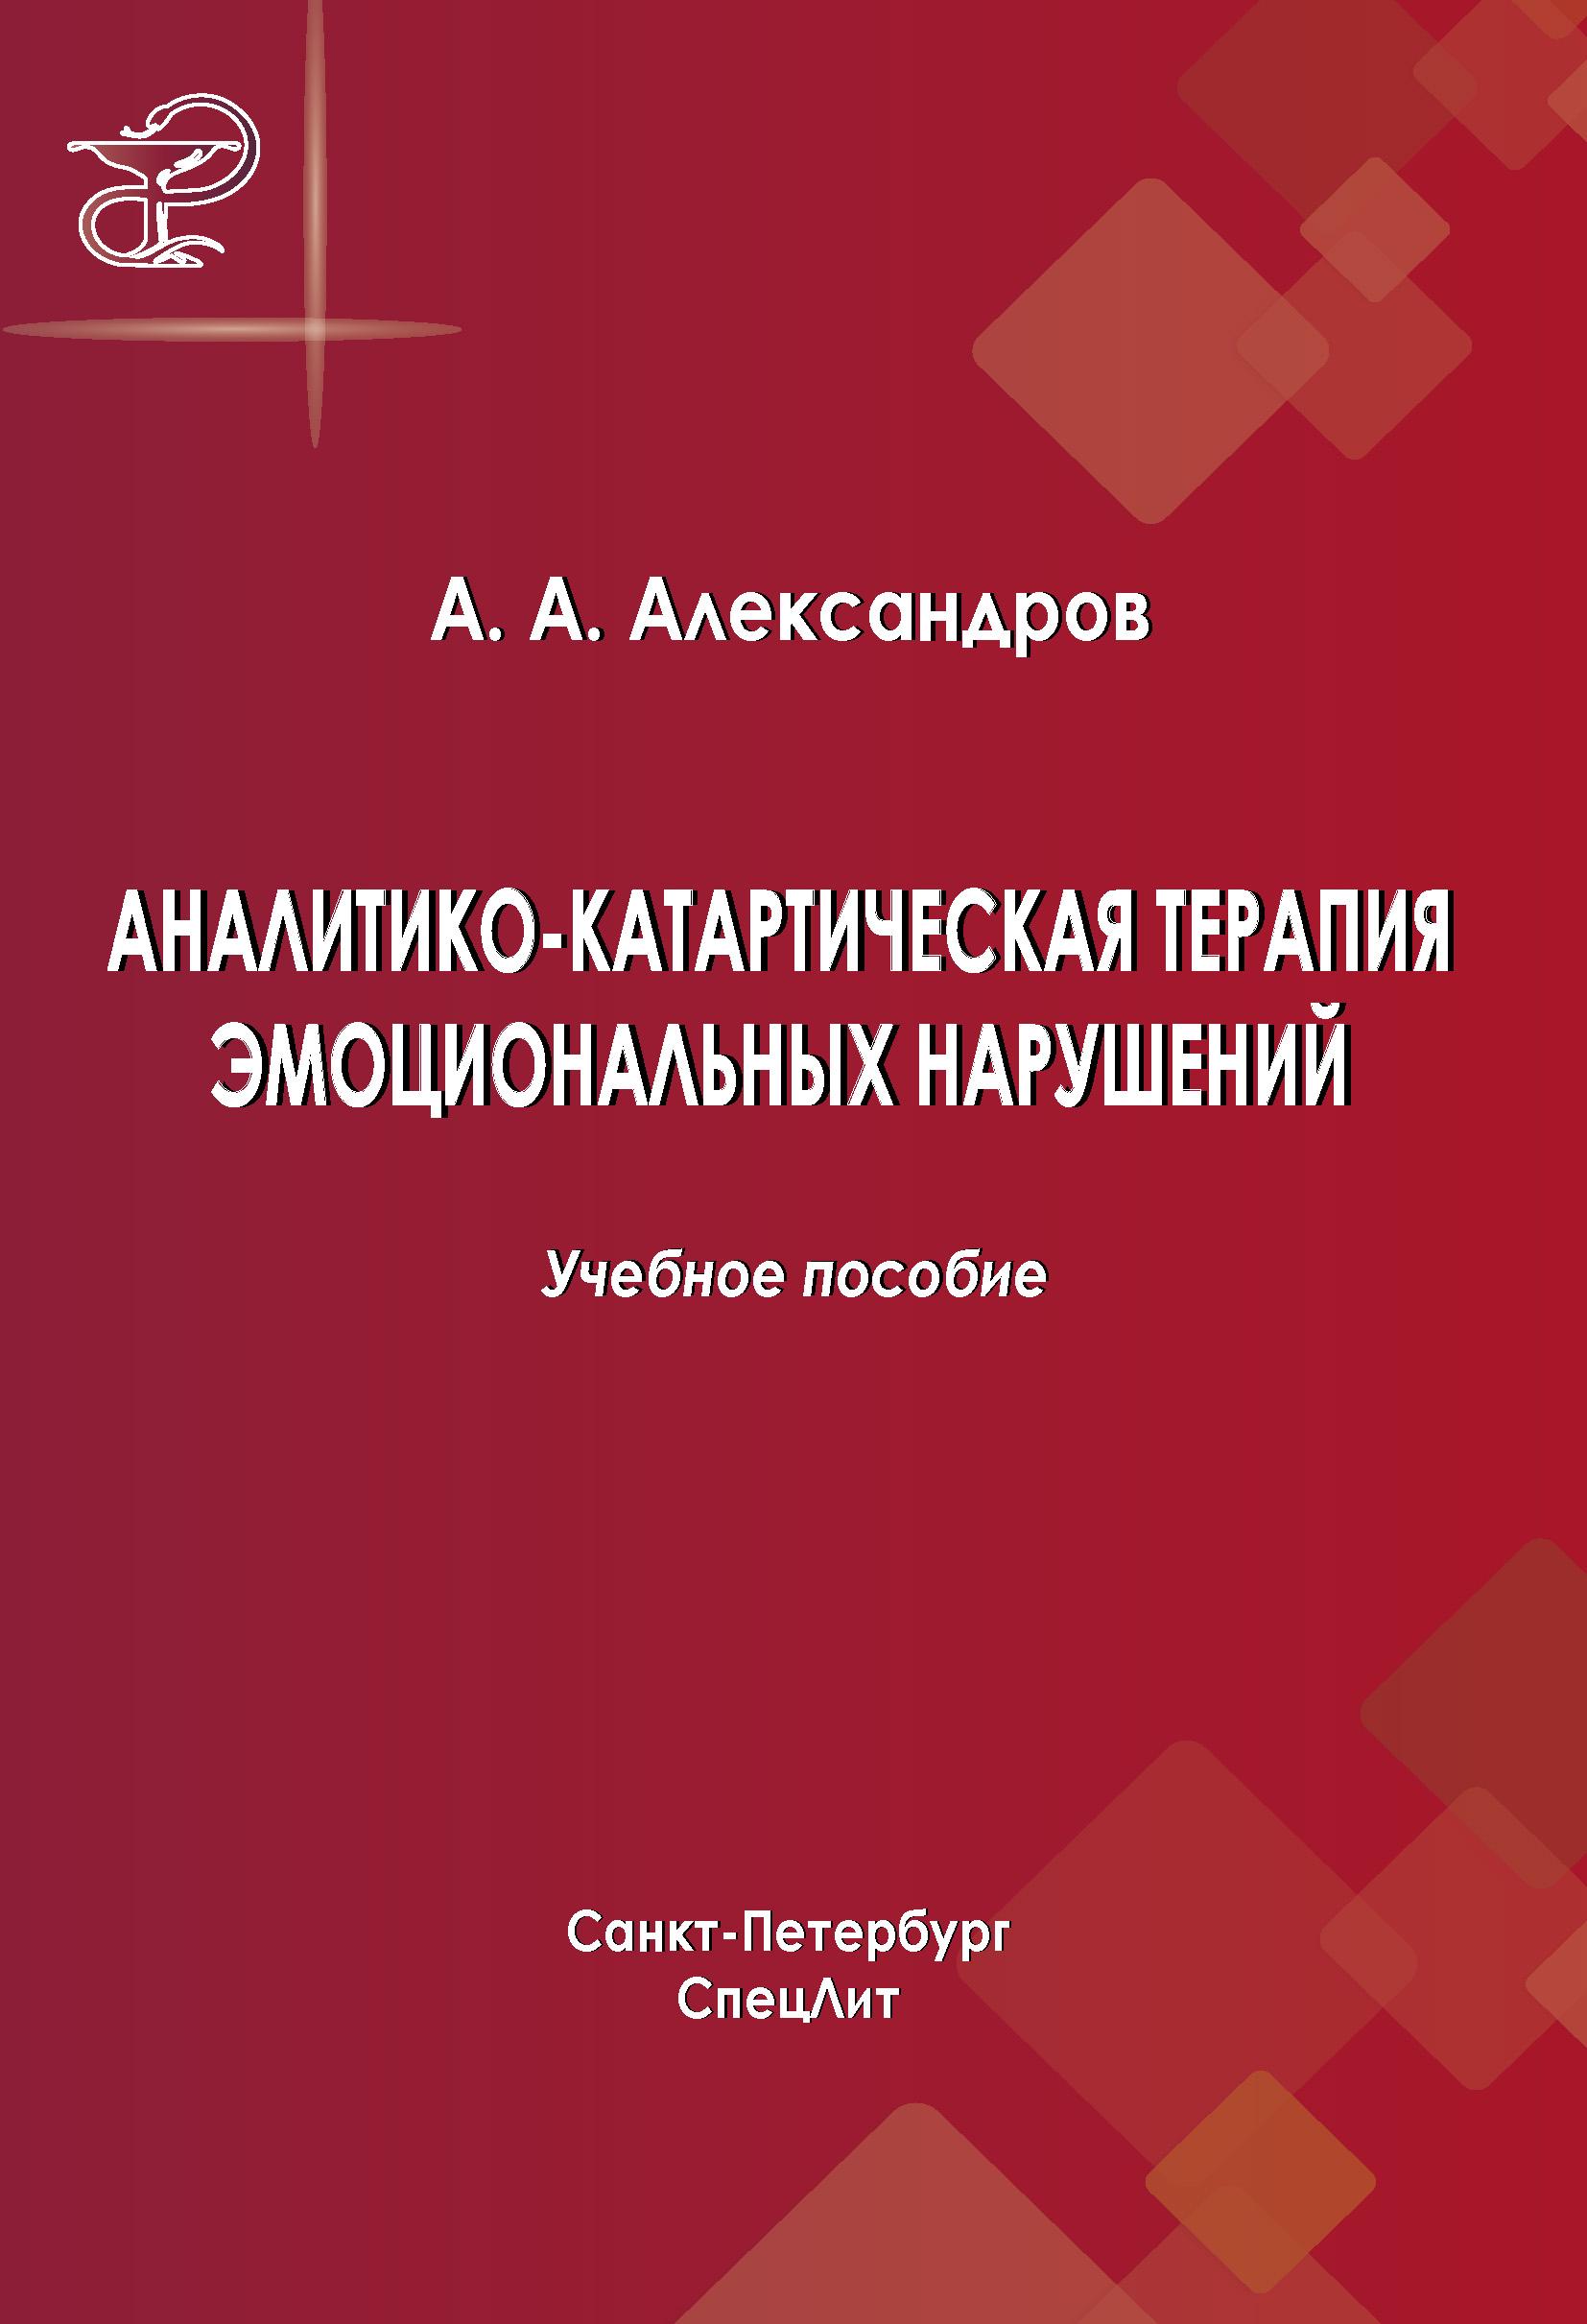 Артур Александров Аналитико-катартическая терапия эмоциональных нарушений марша лайнен когнитивно поведенческая терапия пограничного расстройства личности